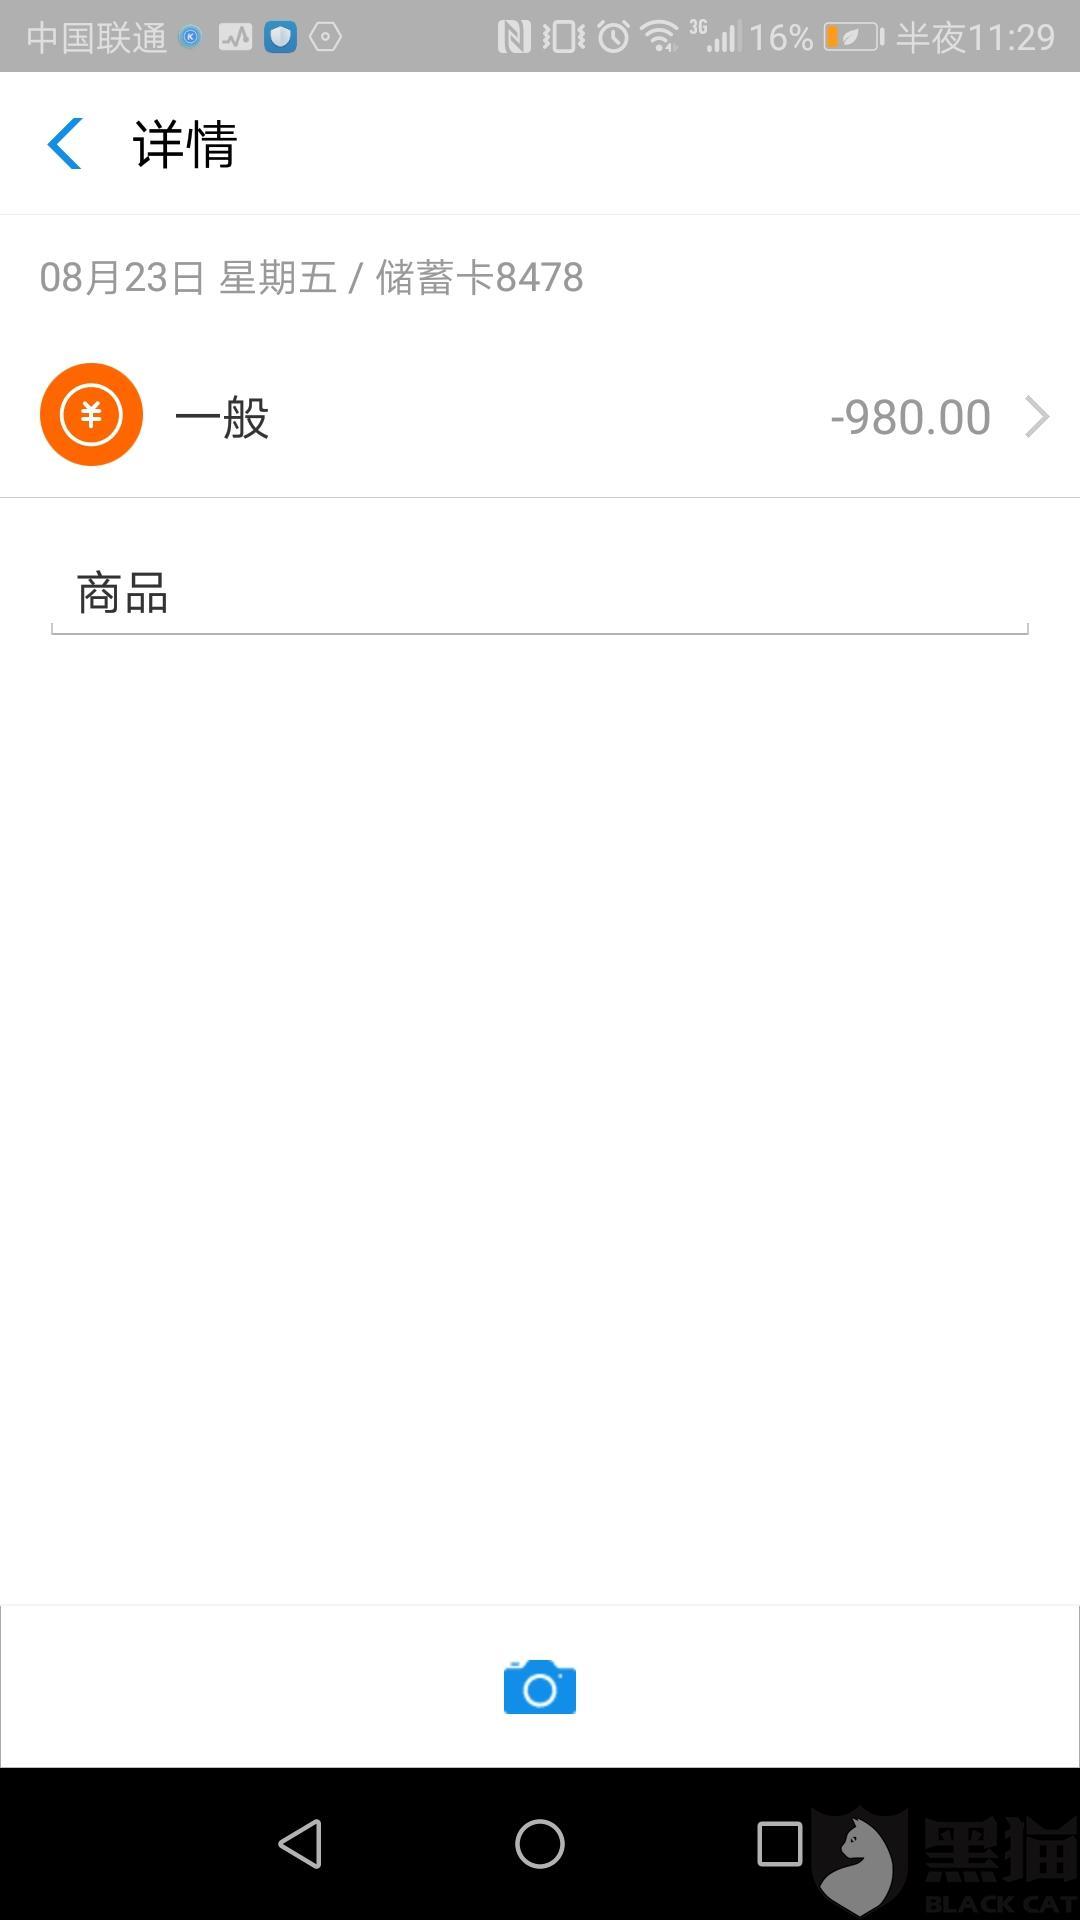 黑猫投诉:深圳市南山区蕾特恩桂庙店 除螨套餐完全没有效果,还让我烂脸,要求退款